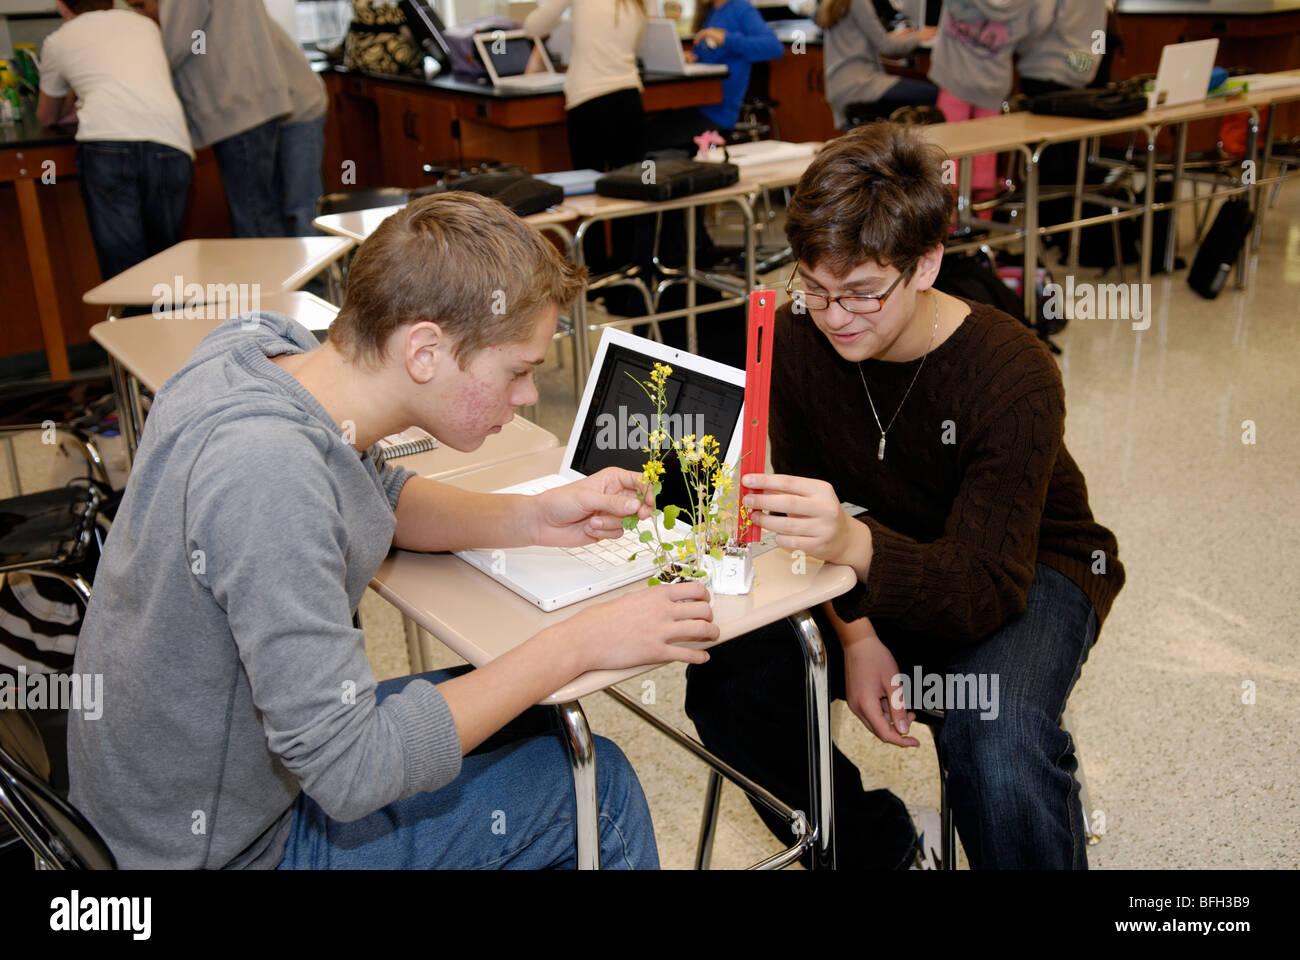 Los estudiantes de secundaria la recopilación de datos sobre una planta experimental en una clase de biología Imagen De Stock